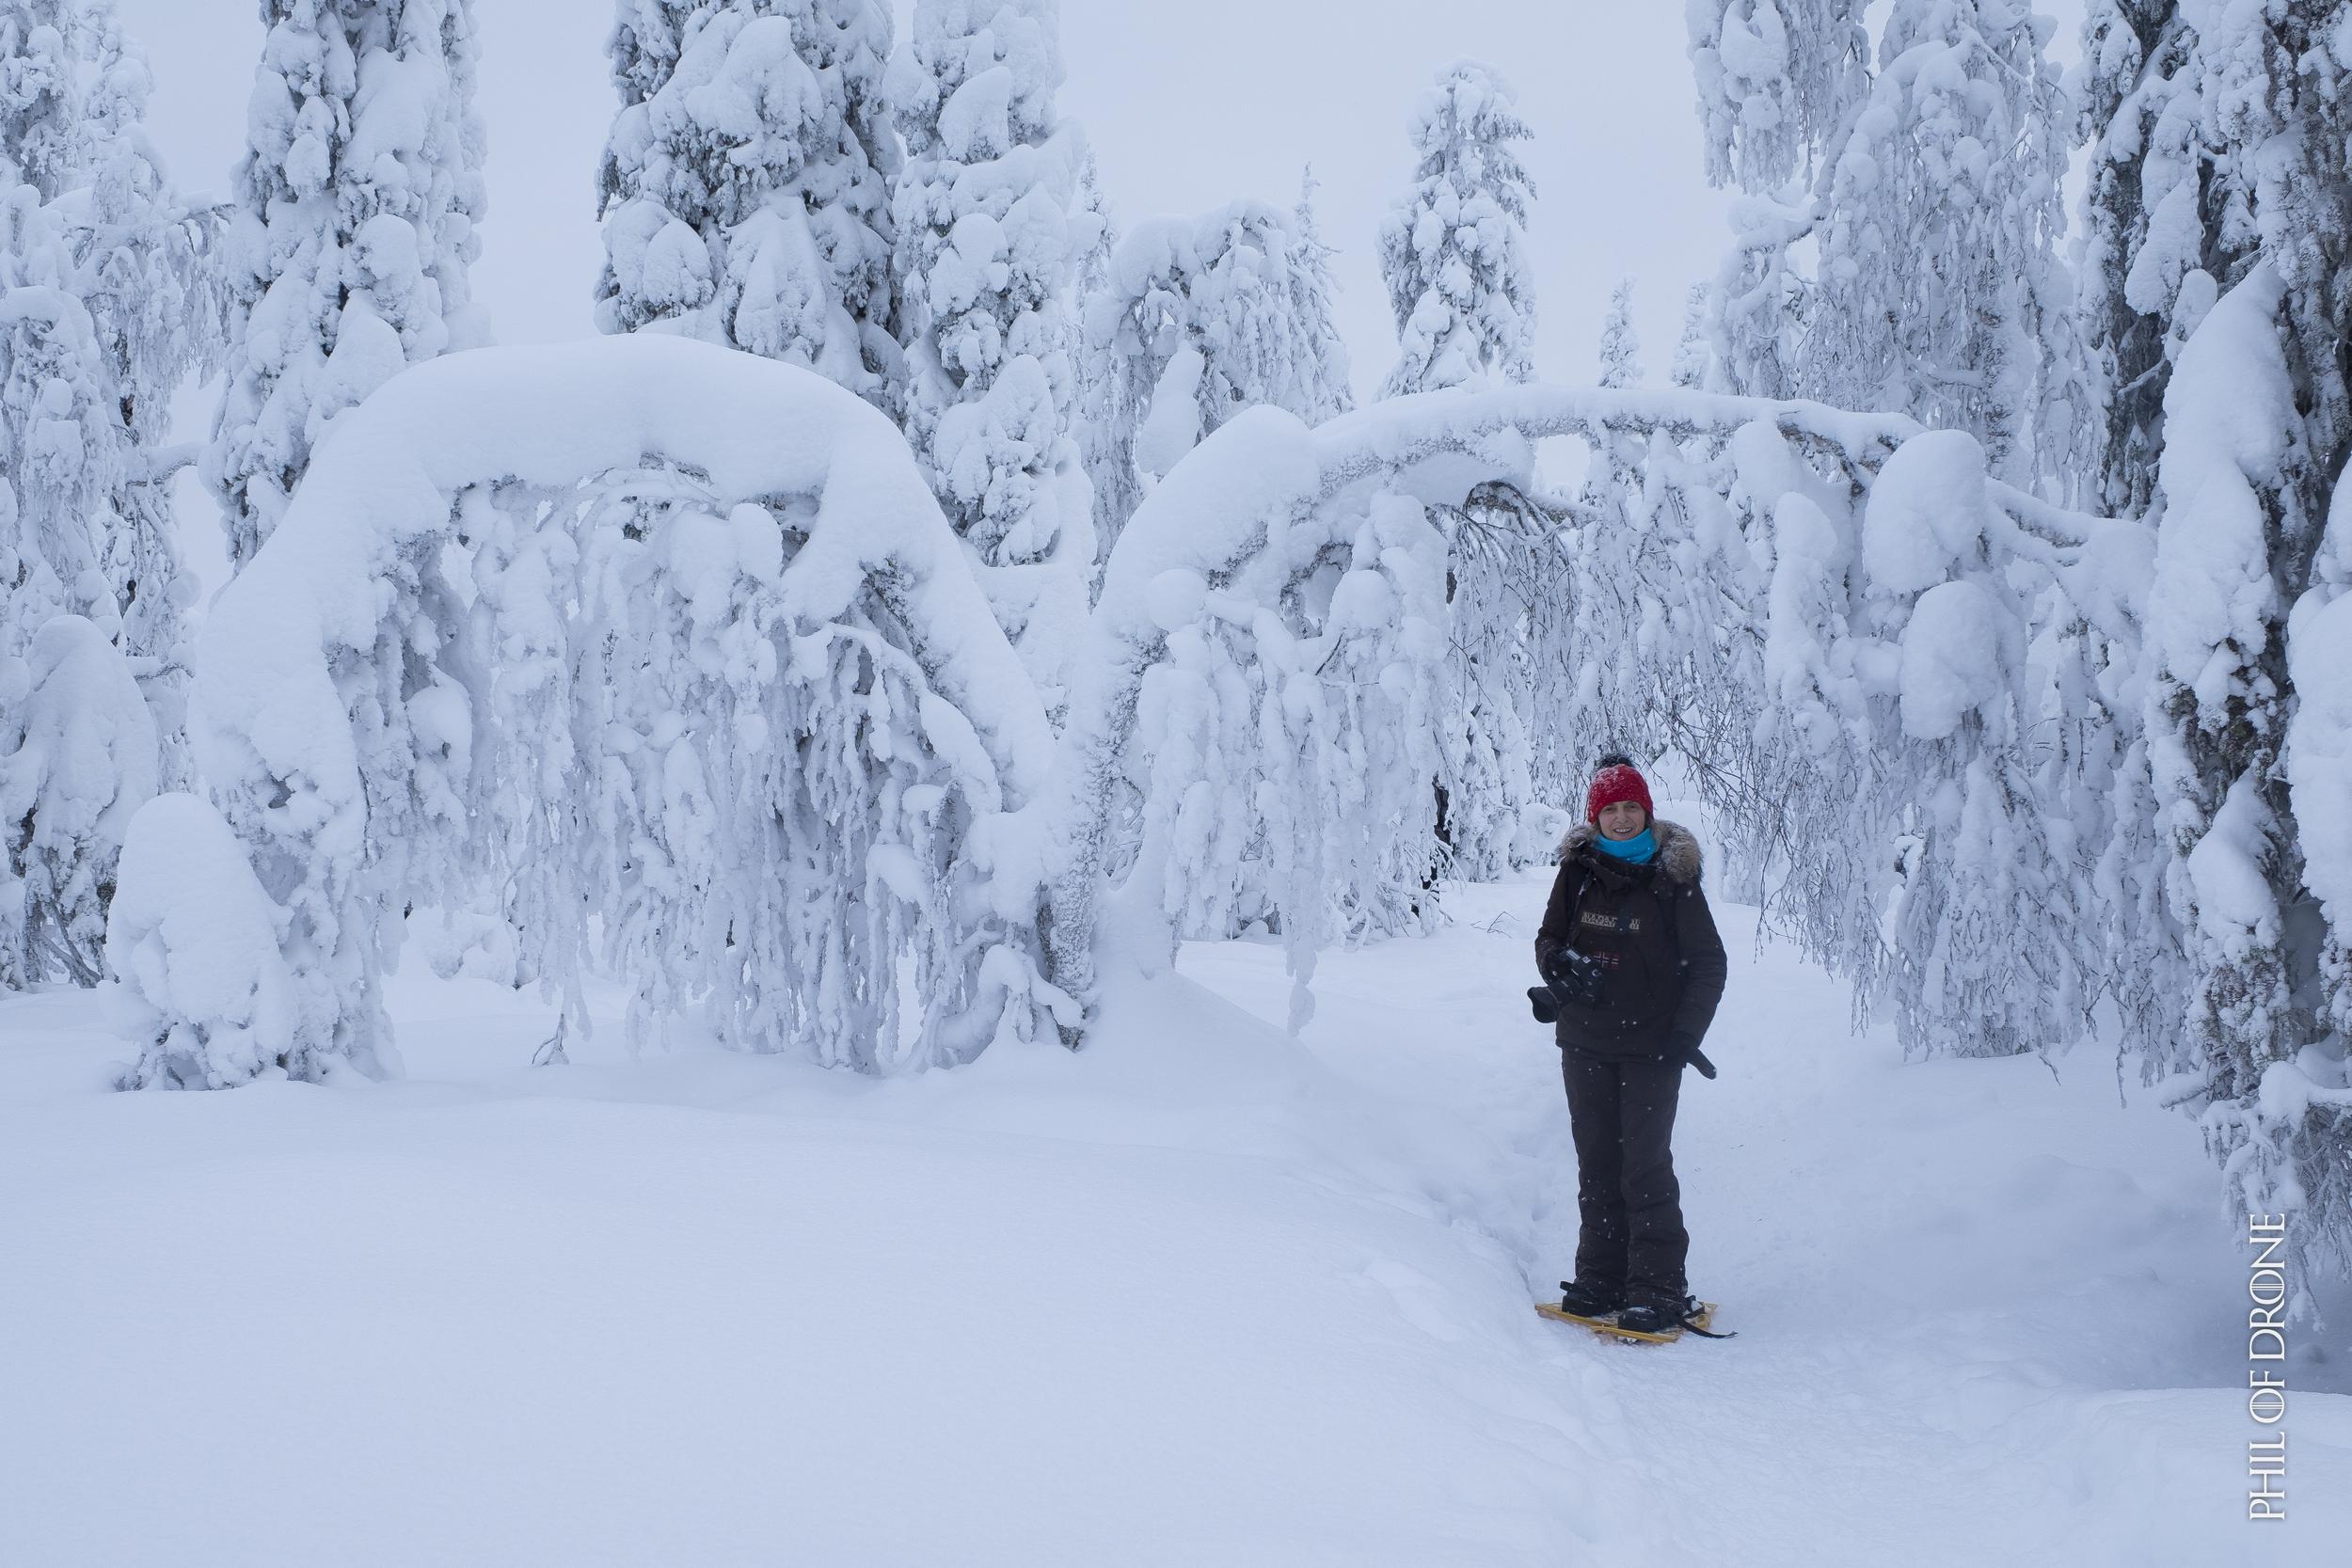 Phil-Finlande 99.jpg